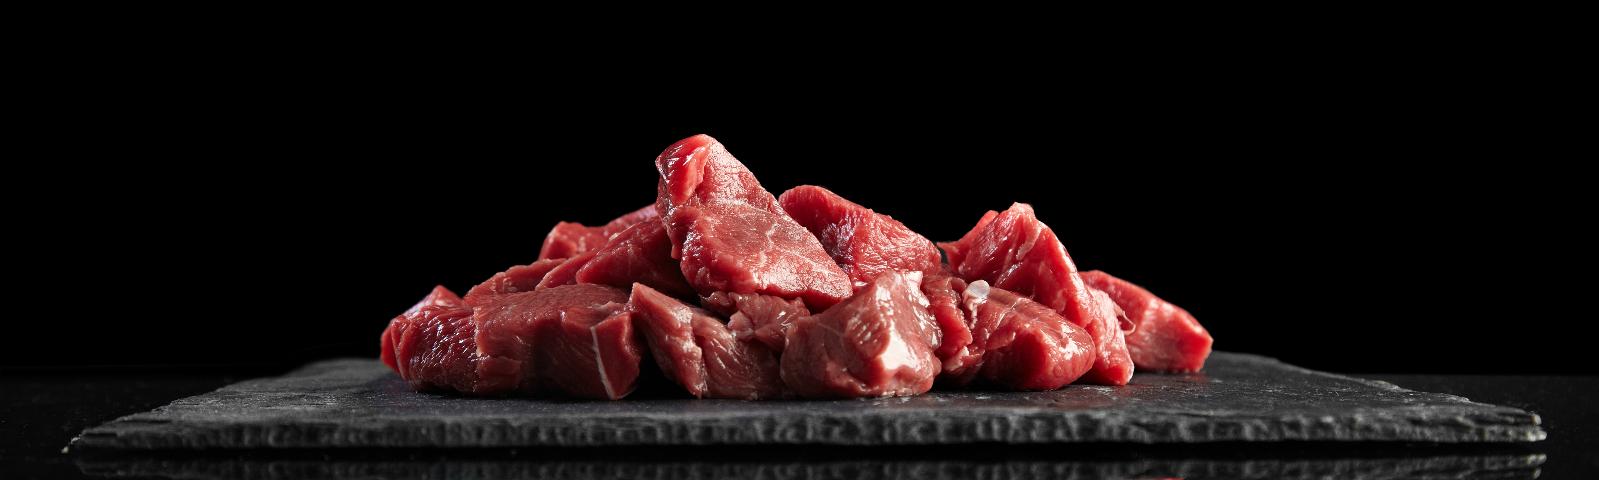 Fleisch frisch - Rind